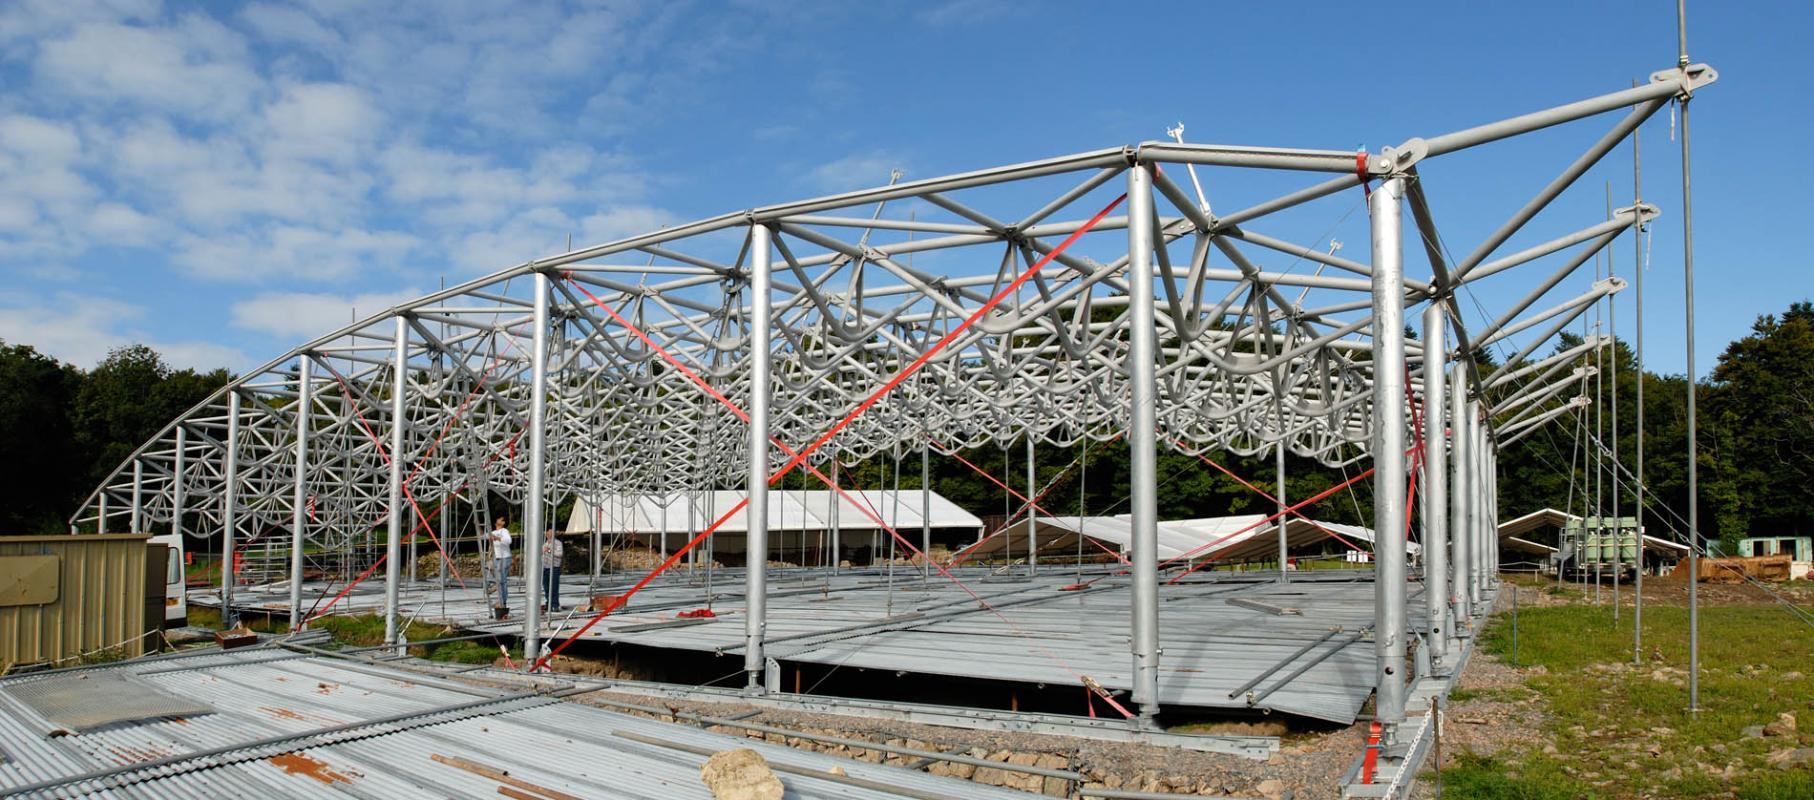 La structure en cours de montage.